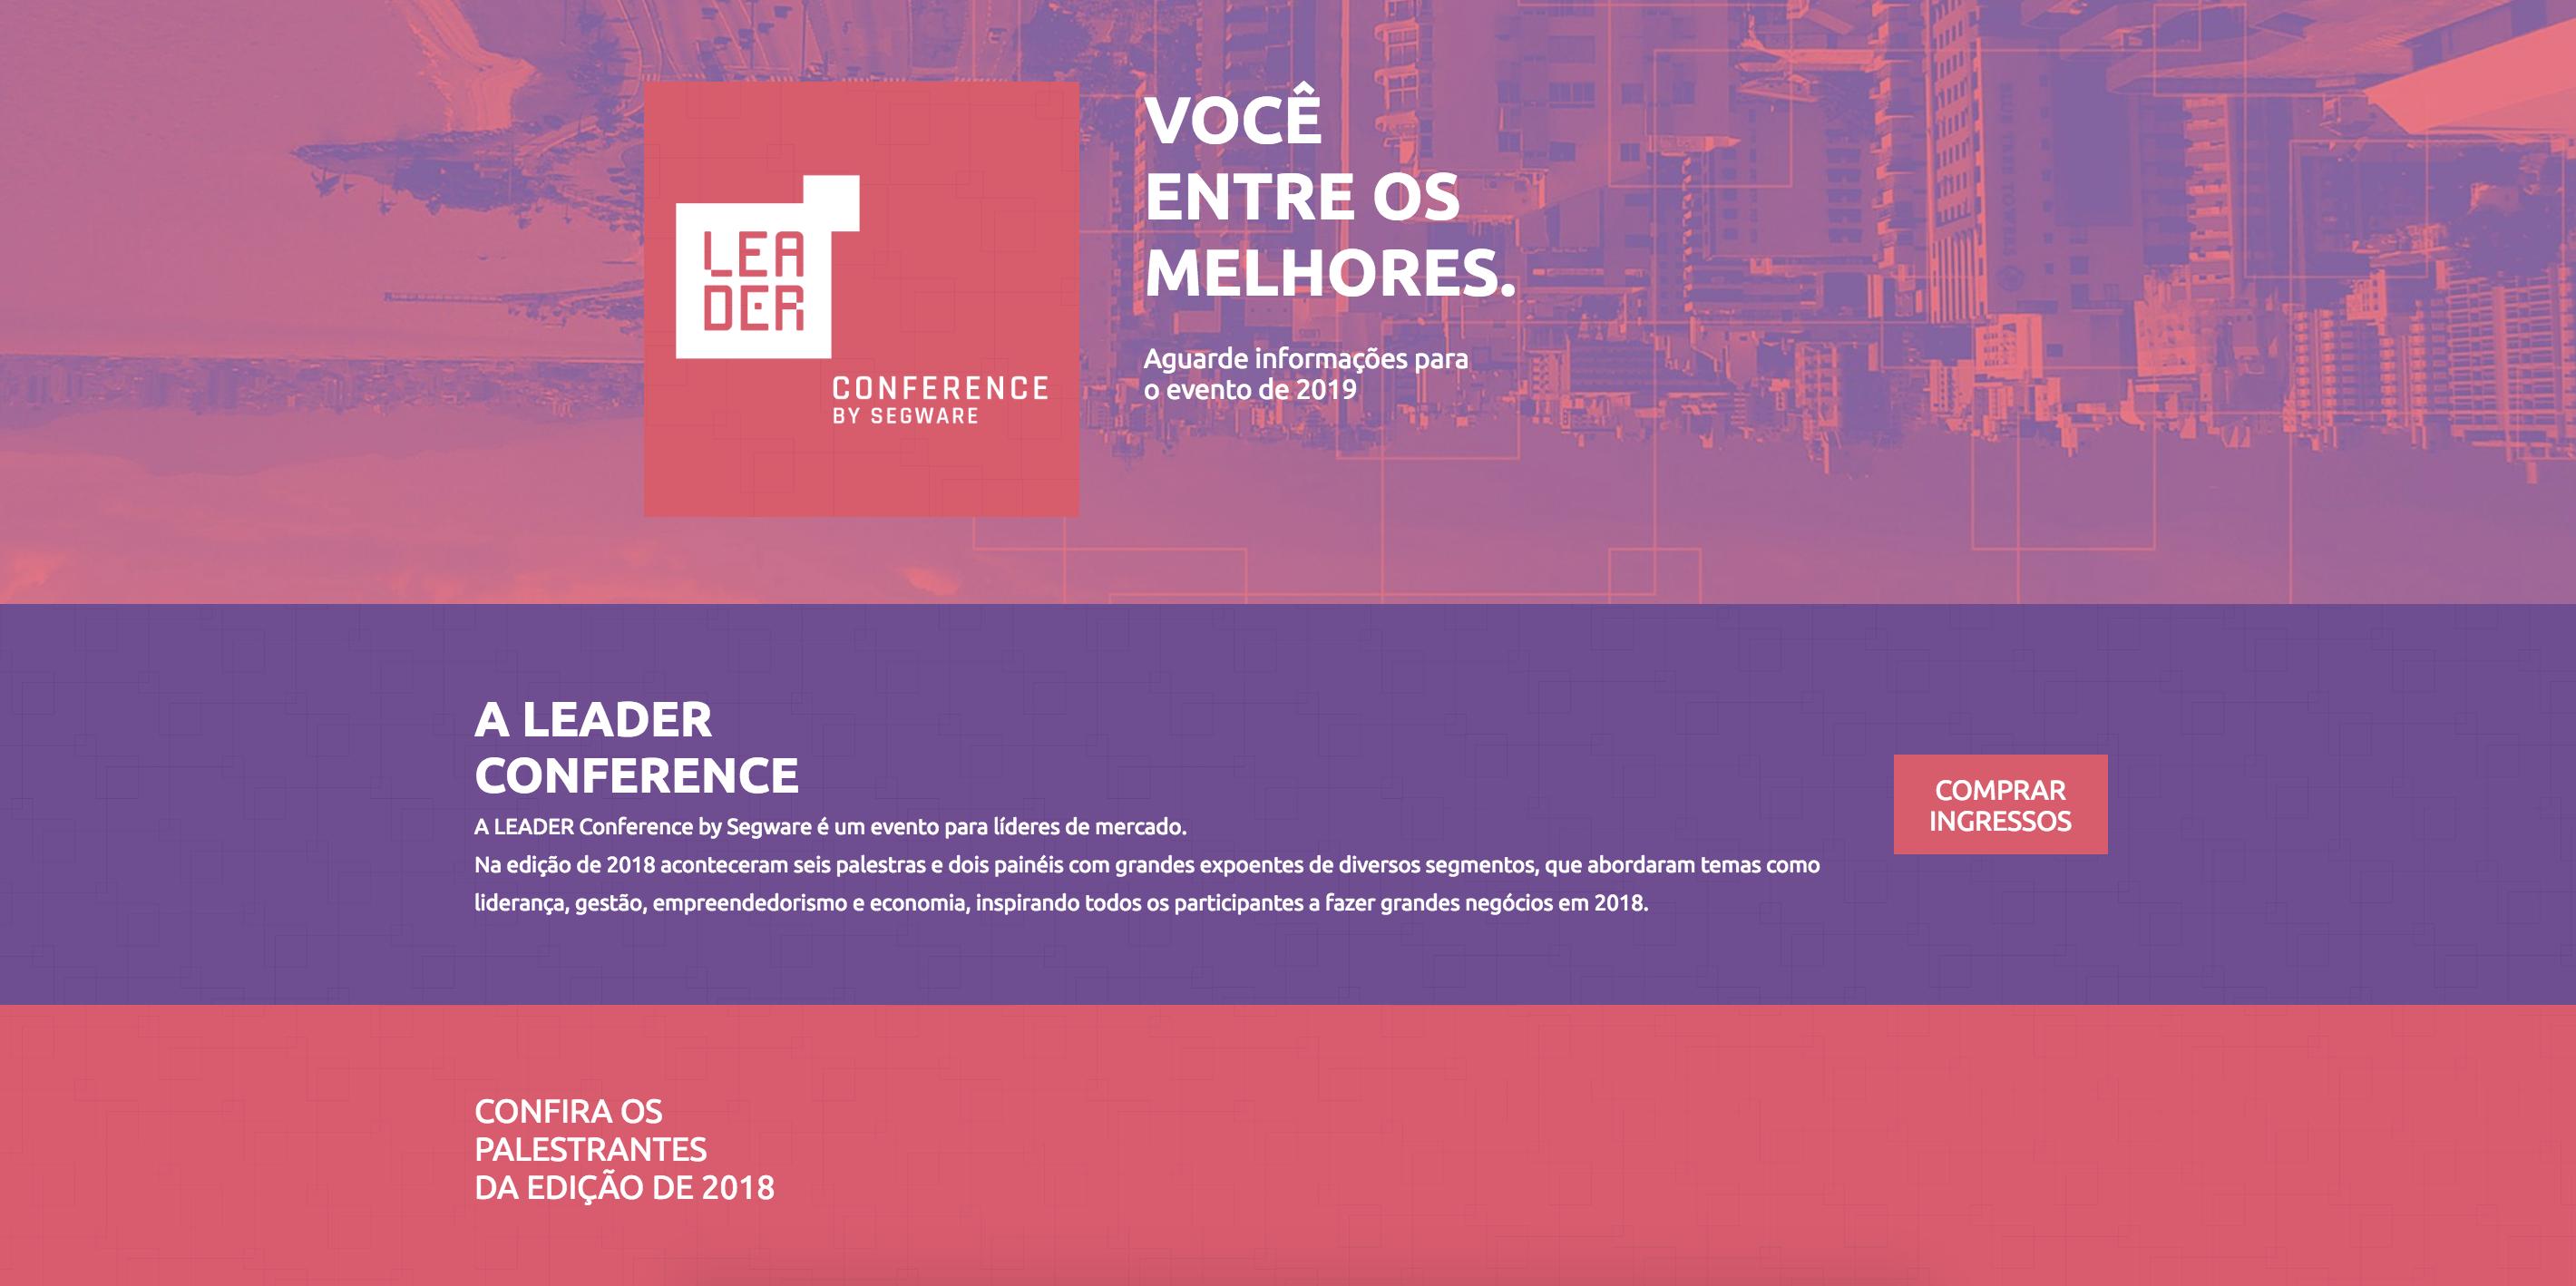 Primeira dobra do site do evento Leader Conference